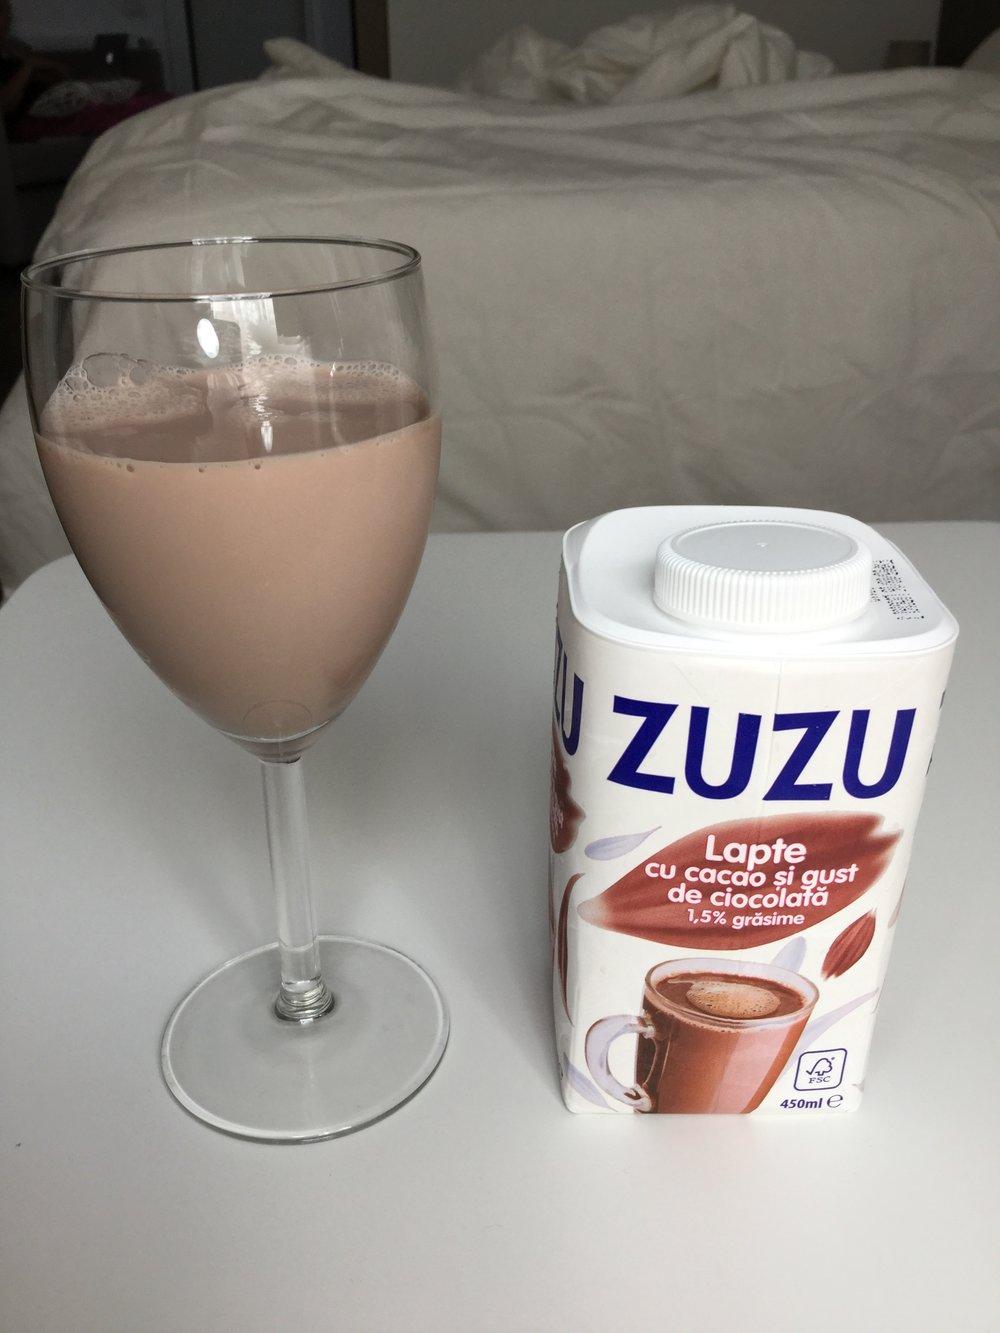 Zuzu Lapte Cup